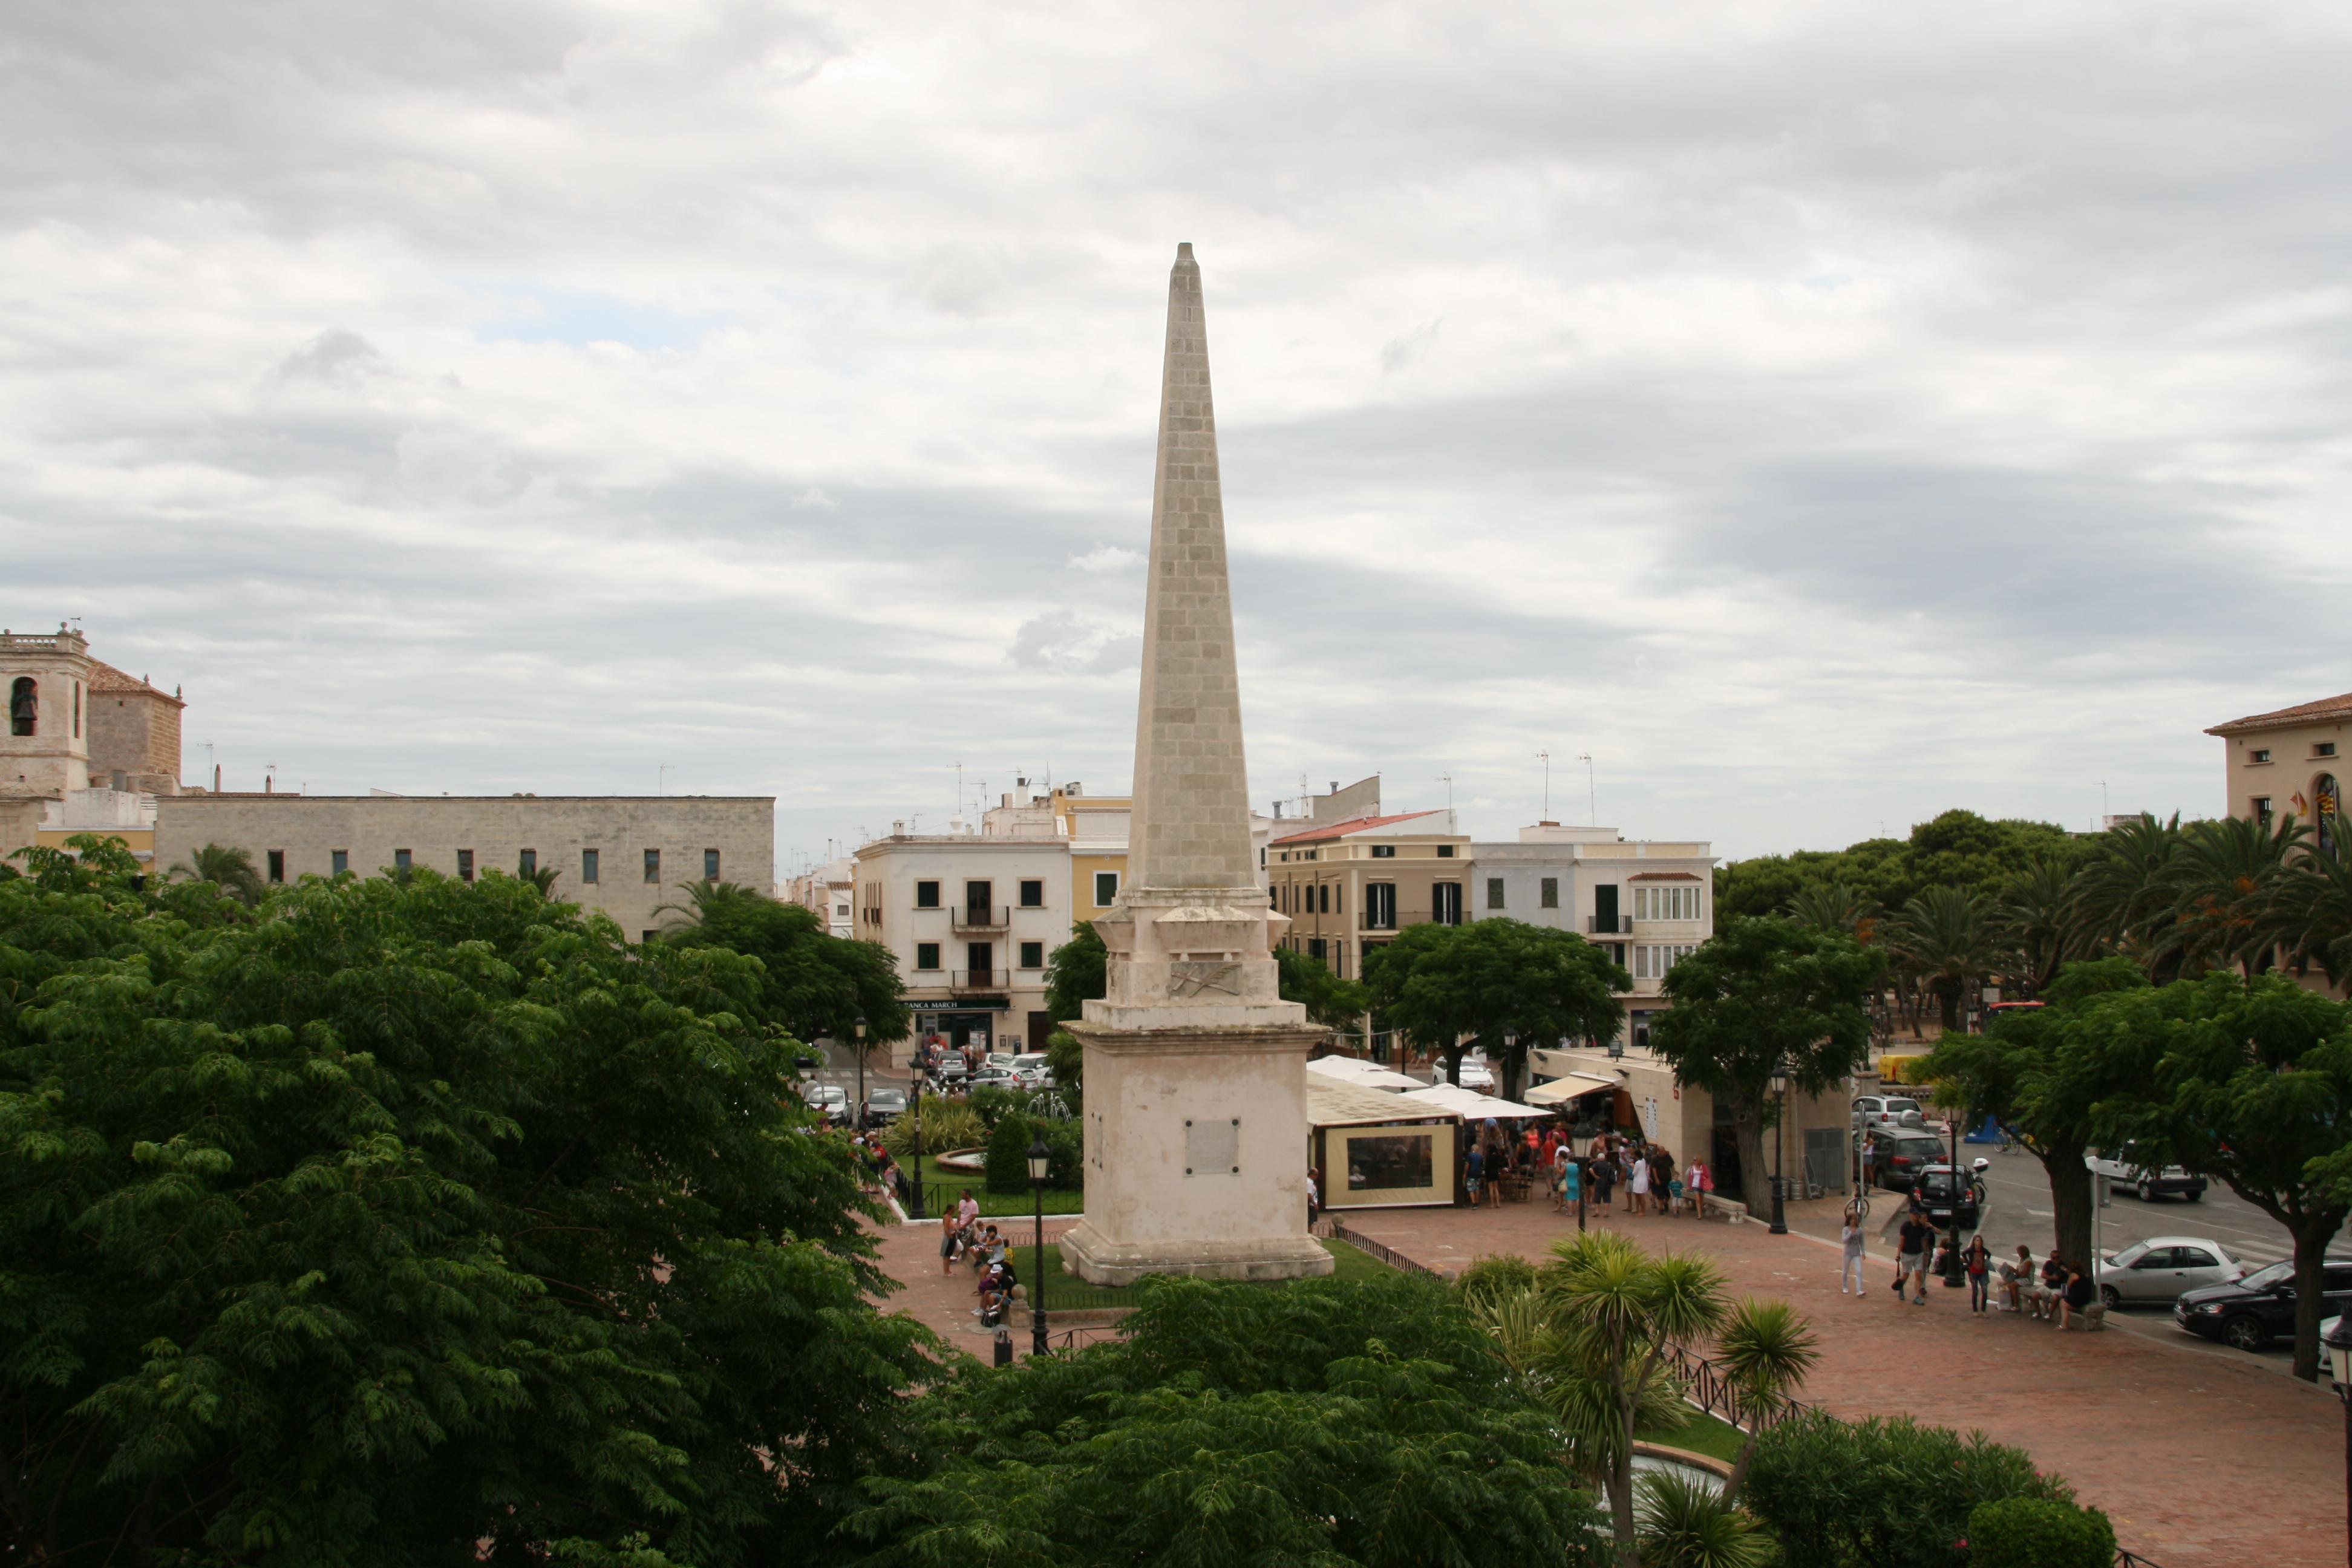 Vista aérea del obelisco de la Plaza Des Born.